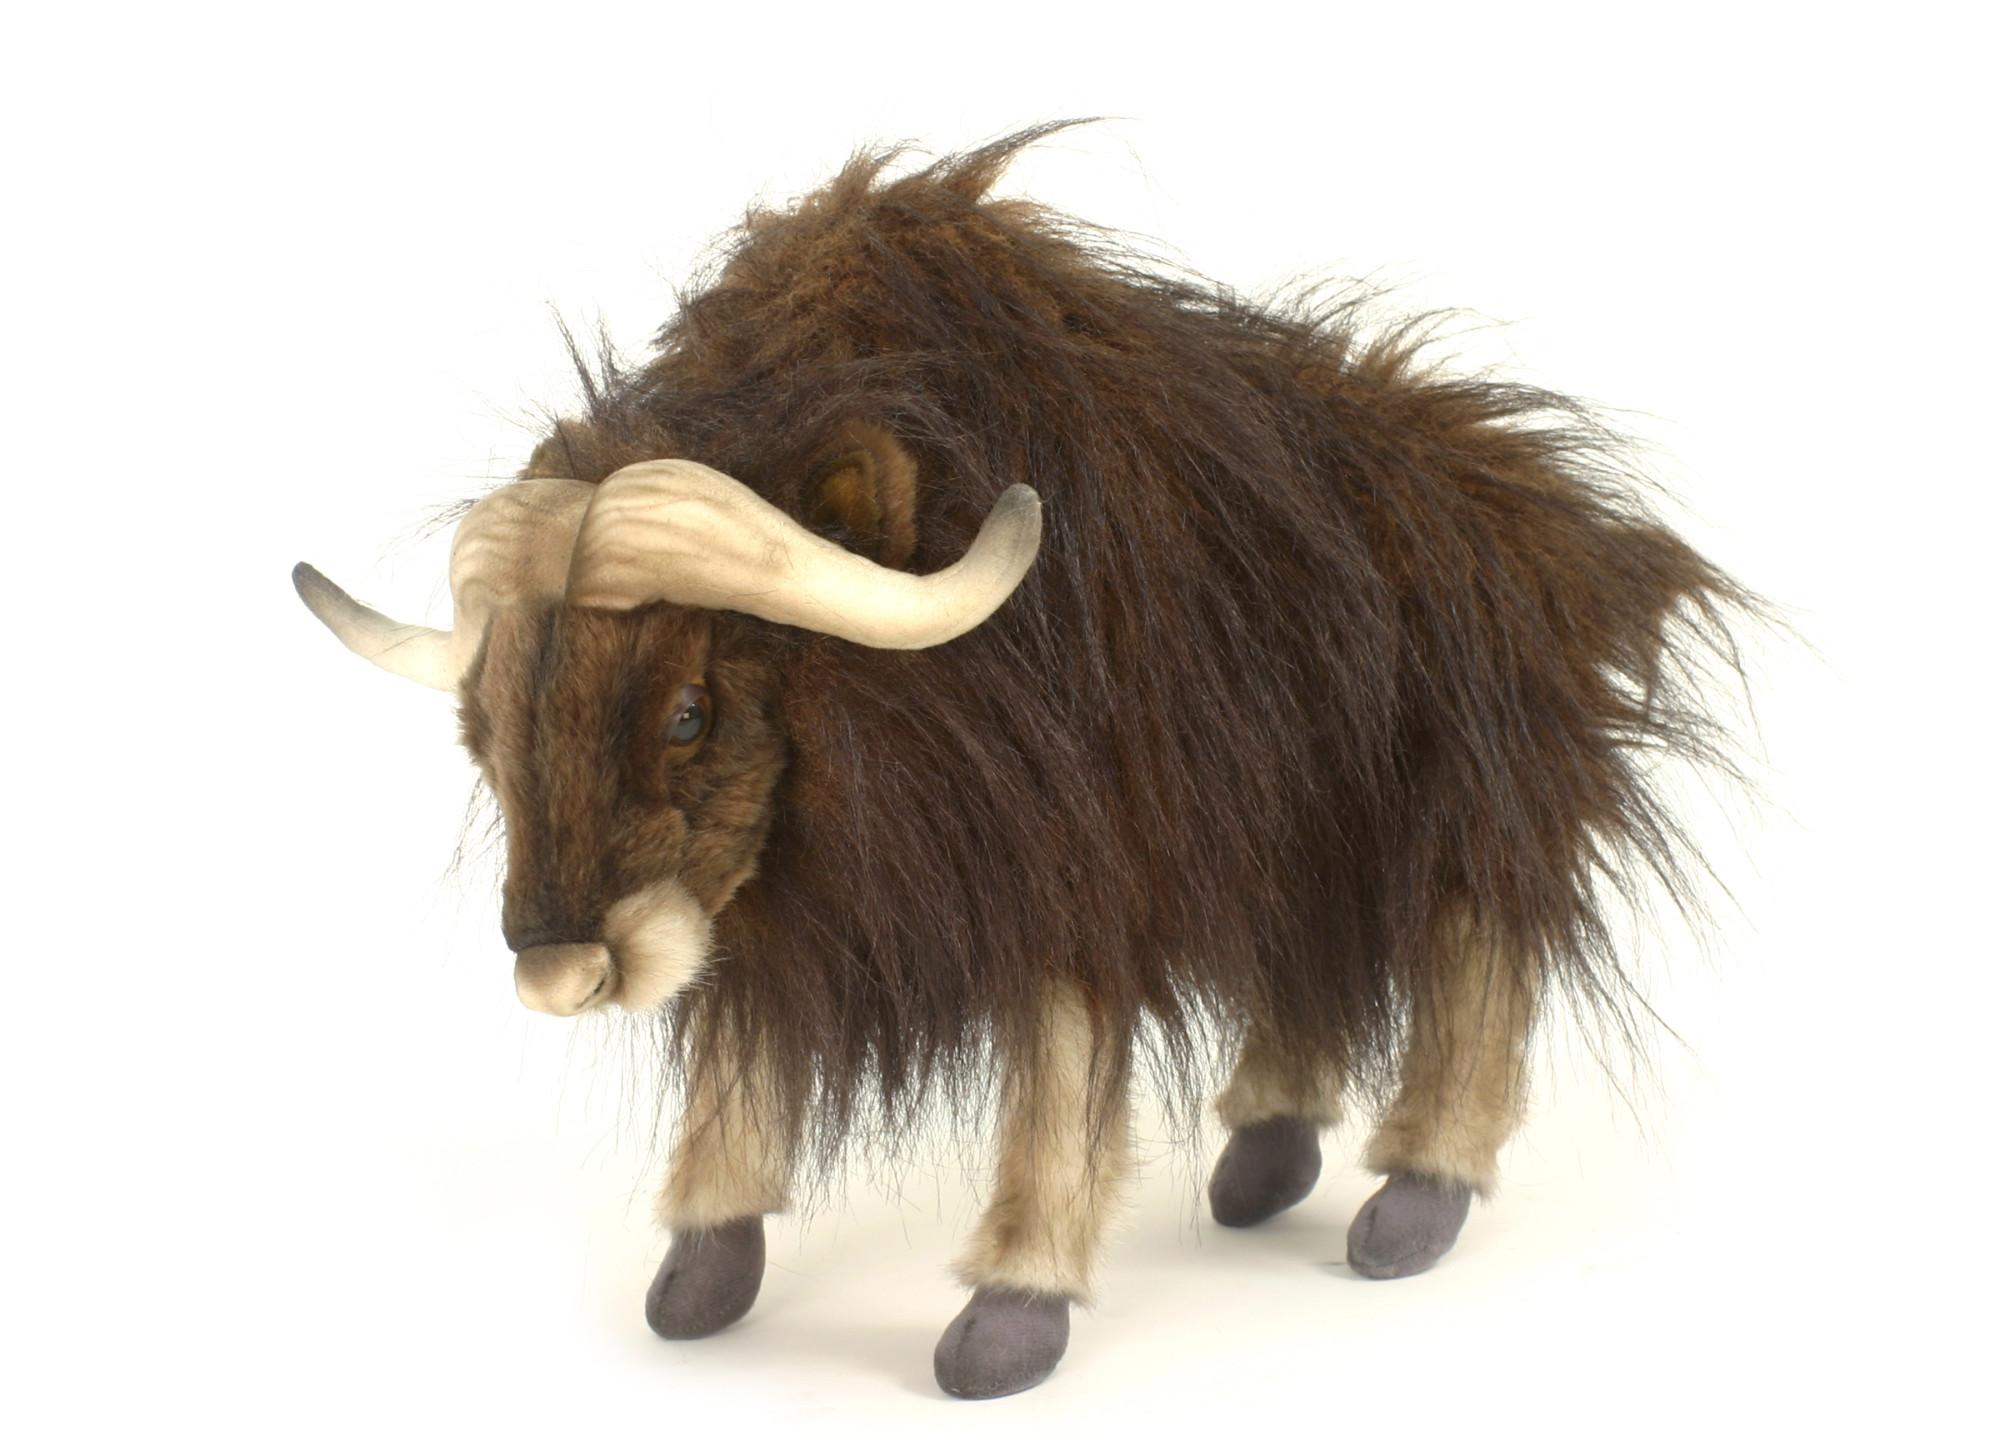 Купить Мягкая игрушка Овцебык, 42 см Hansa 5572,